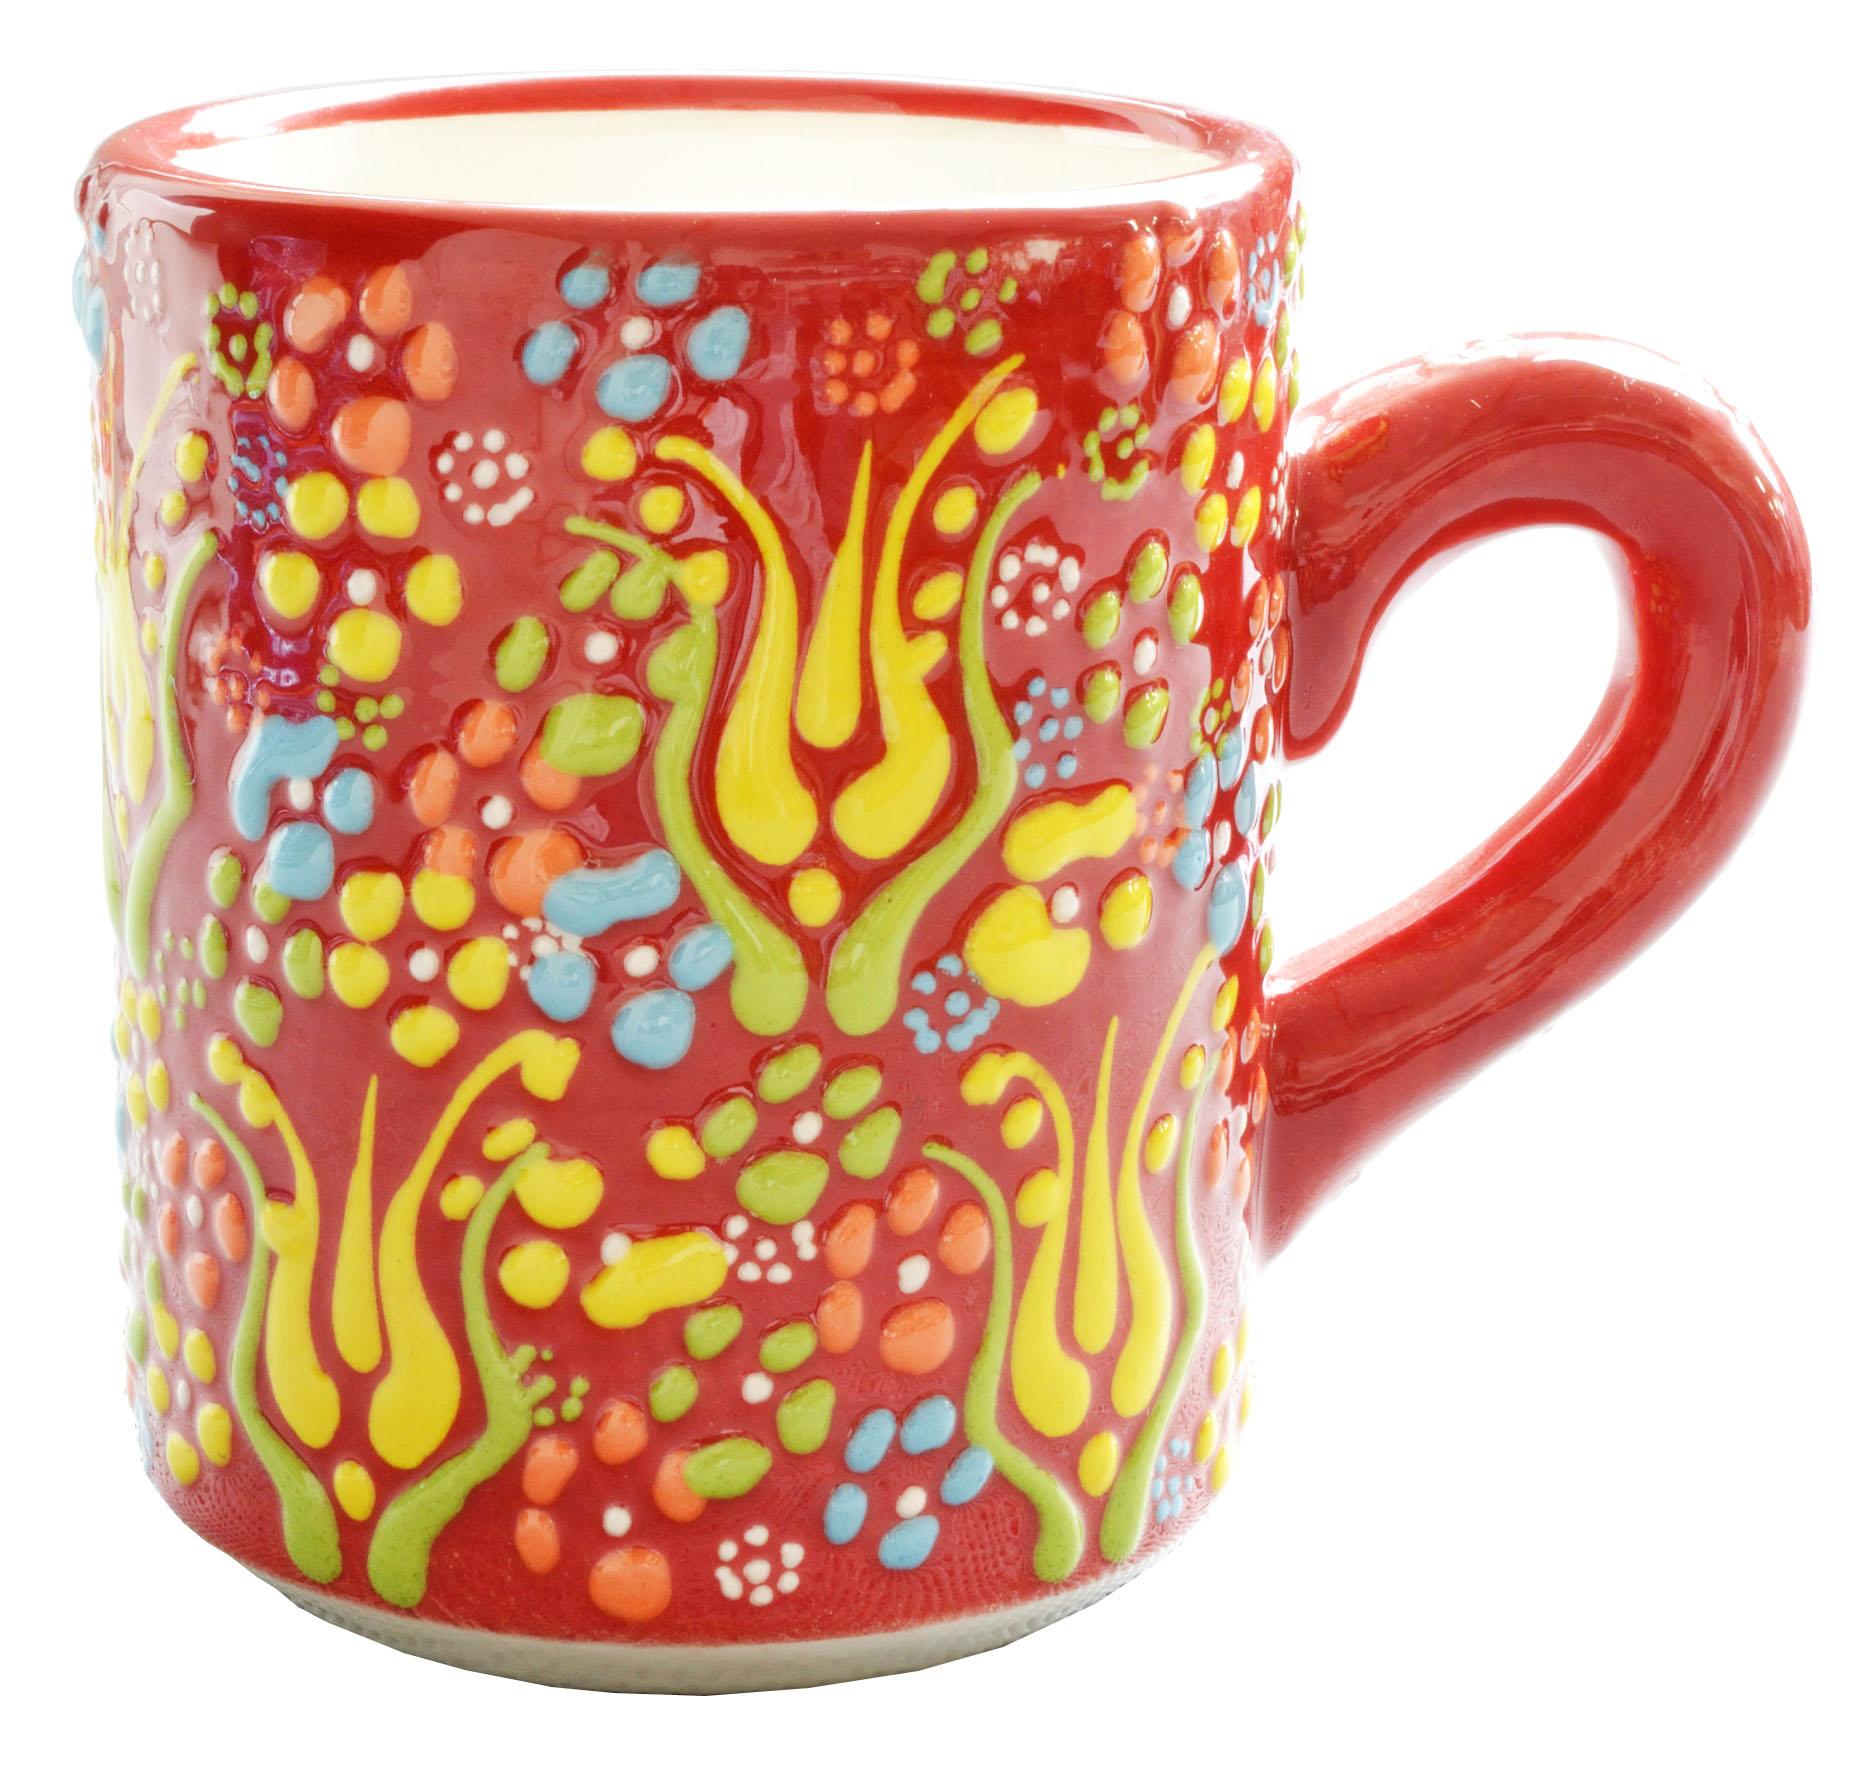 トルコ製陶器 マグカップ アンカラレッド <br>No.81531